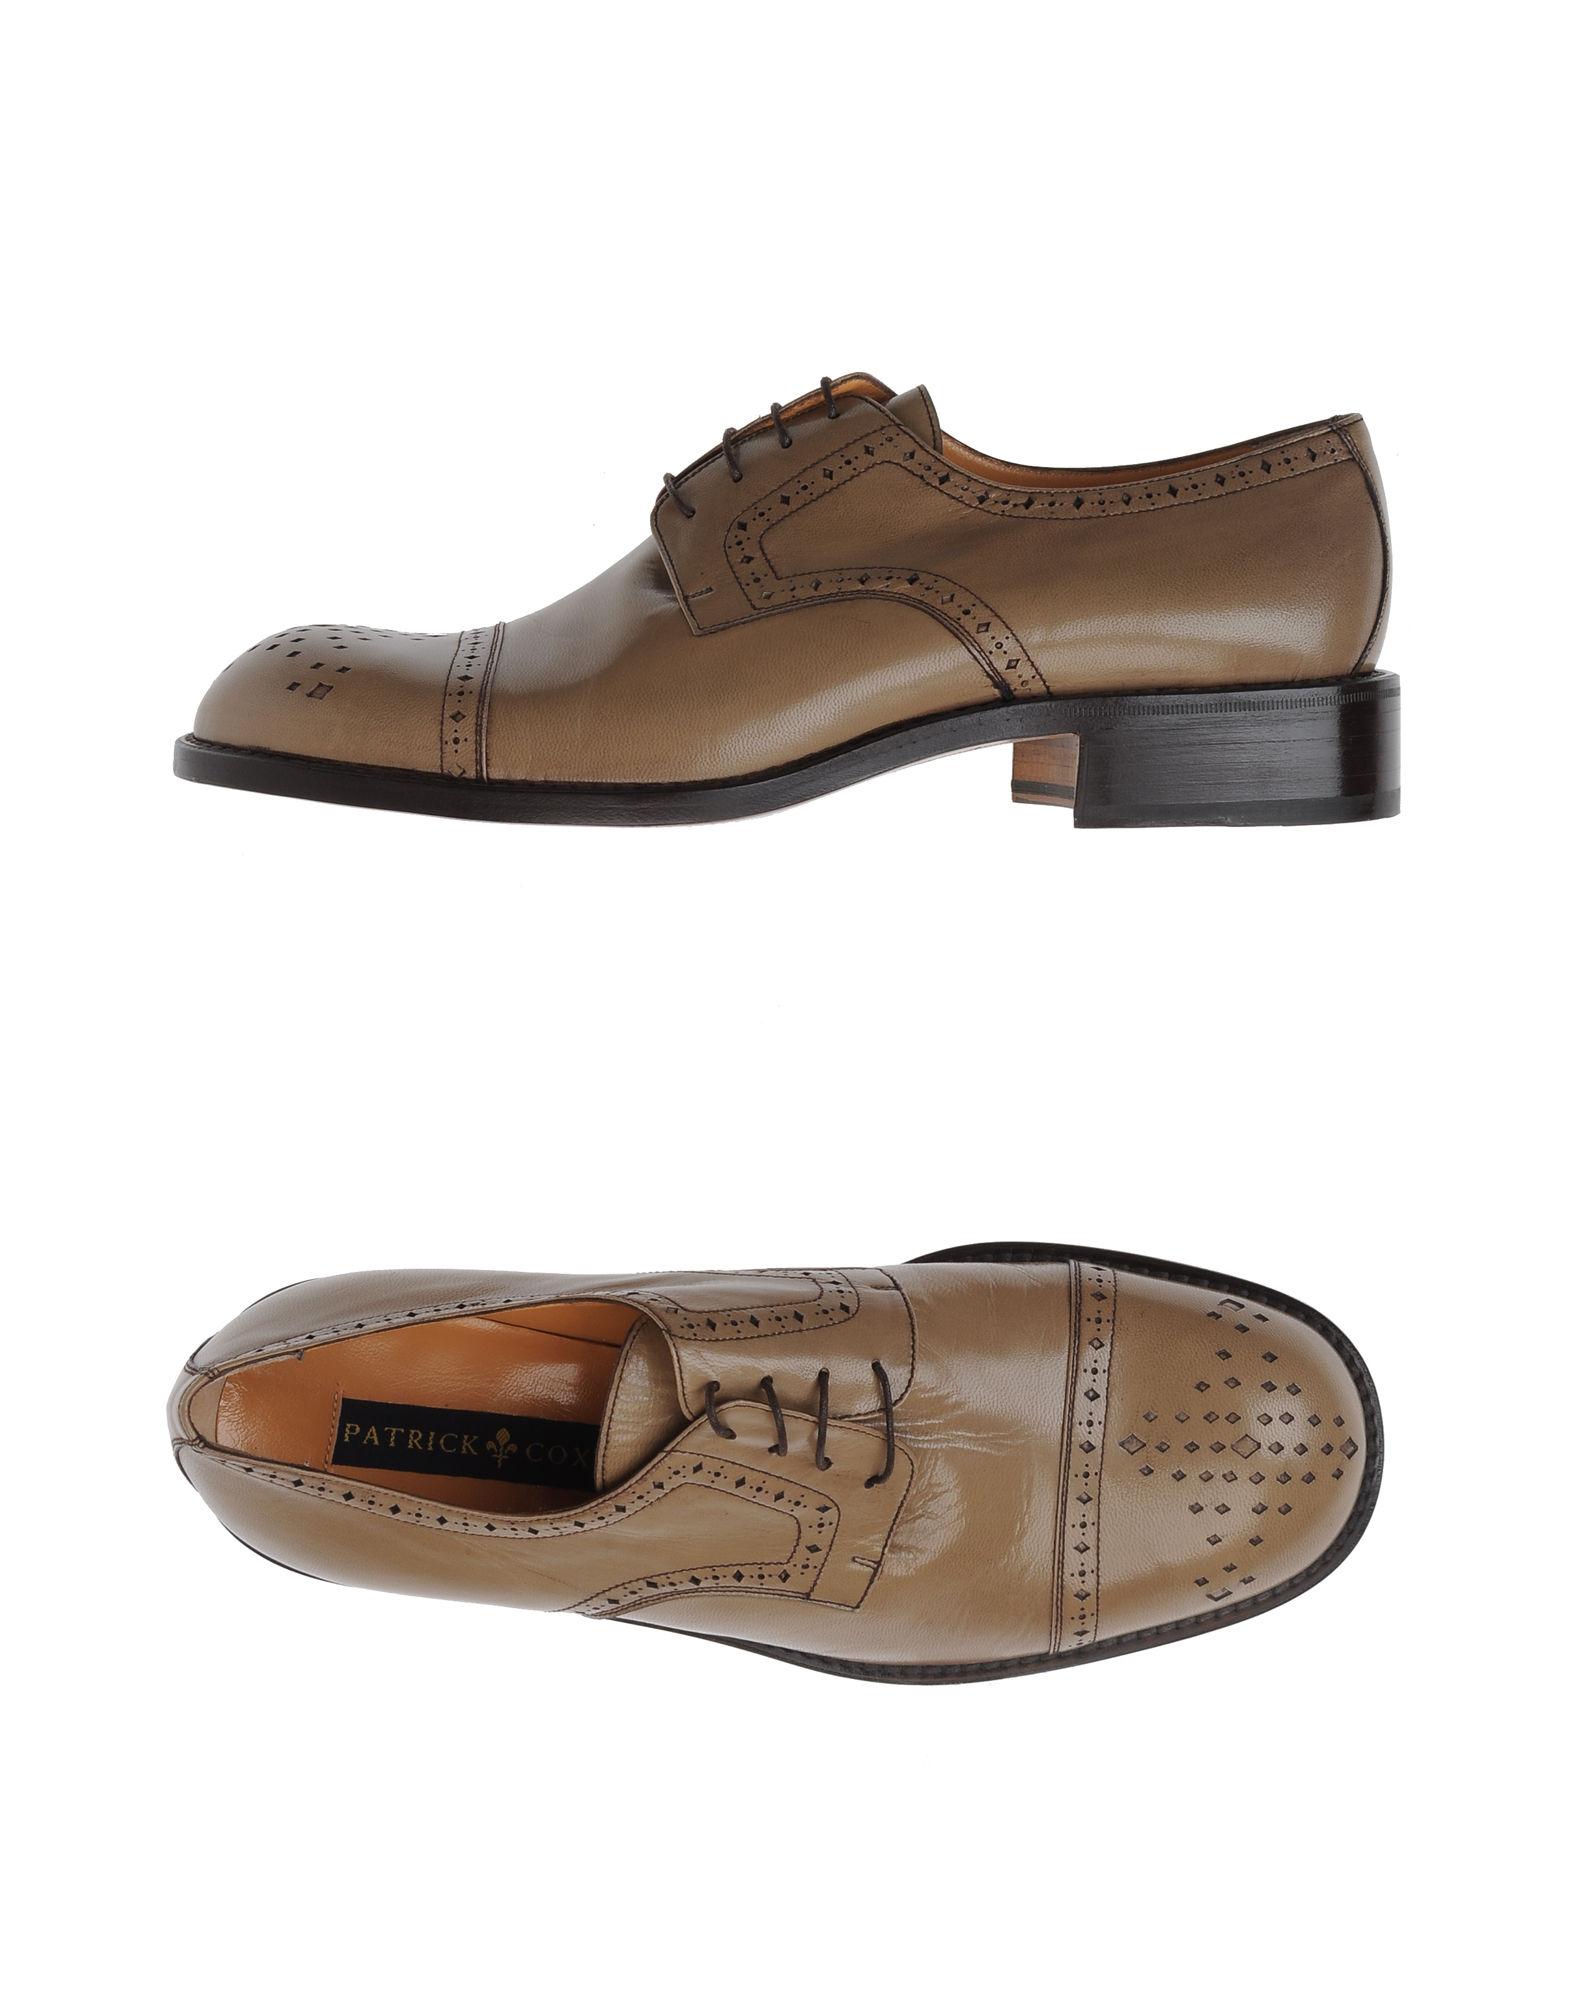 Patrick Cox Shoes Women